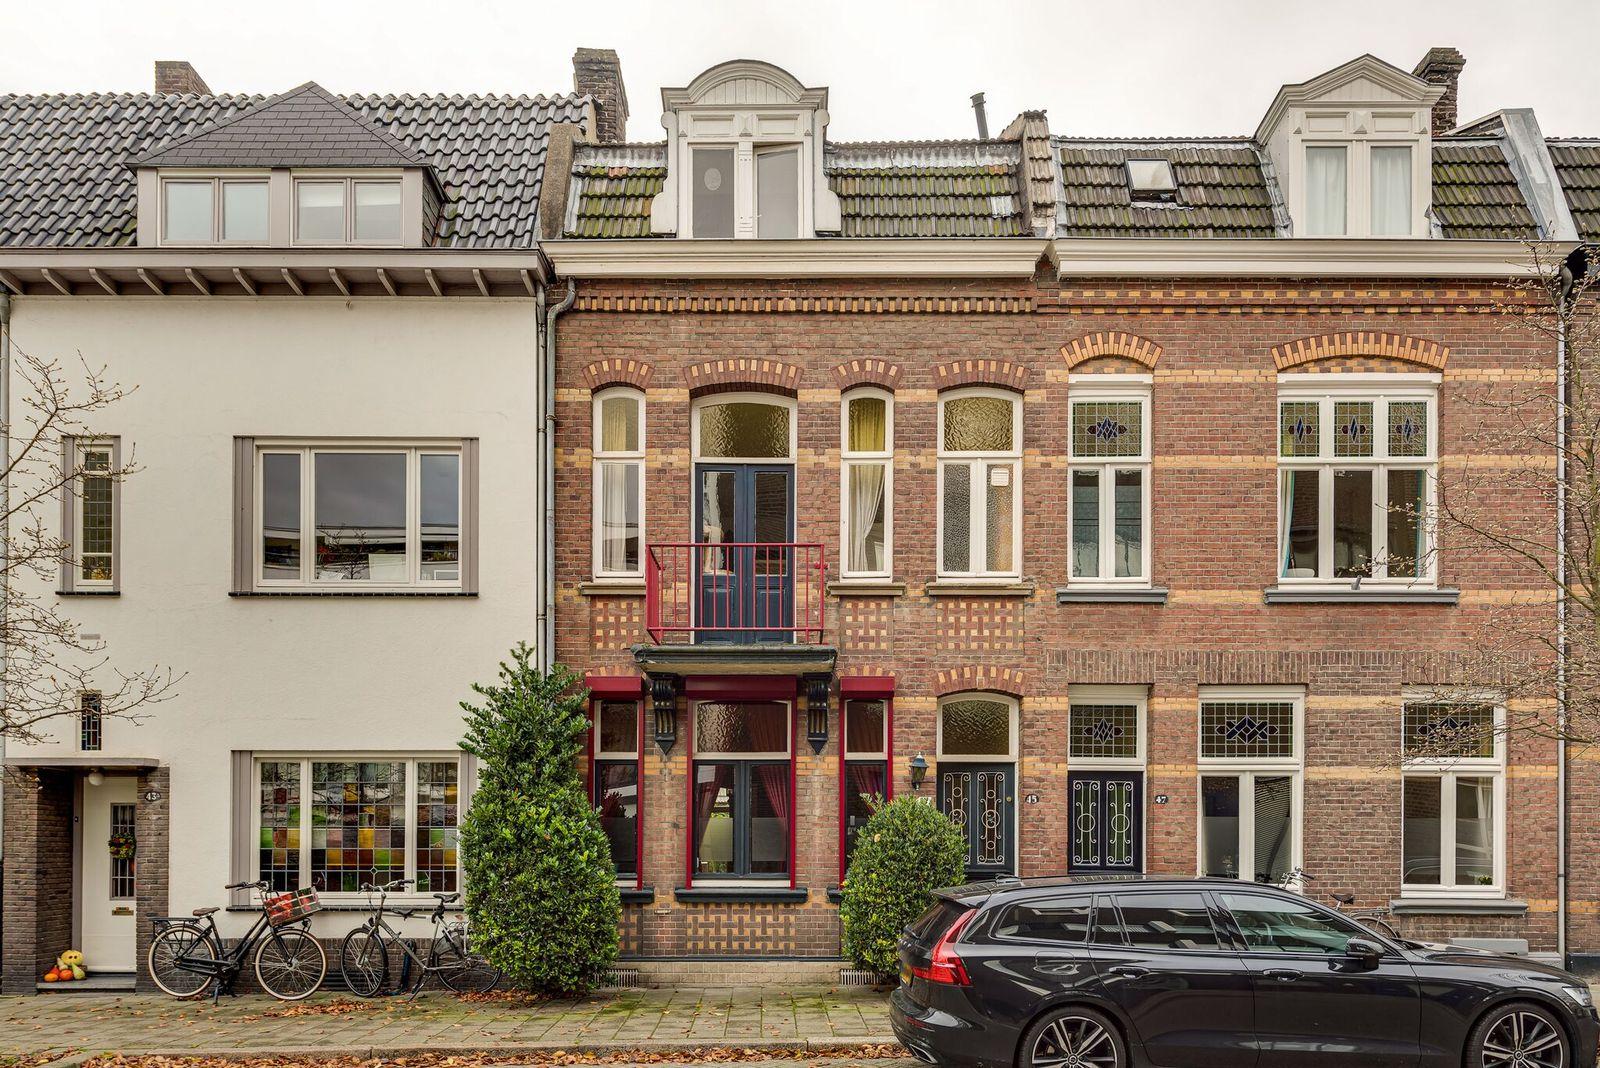 Glacisweg 45, Maastricht